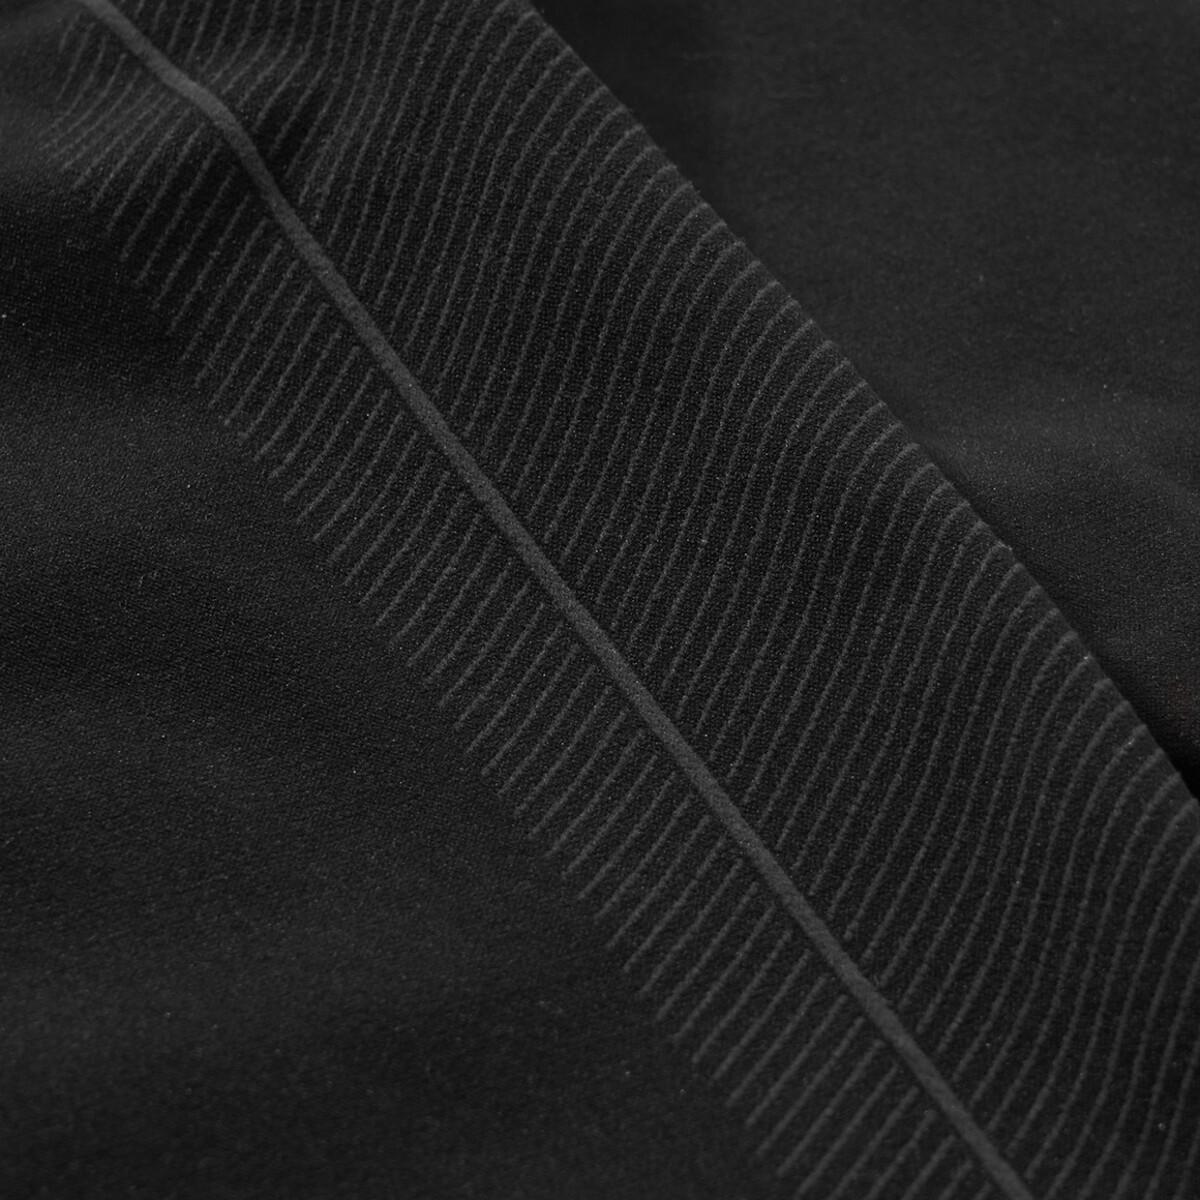 Bild 5 von Jungen Thermoshirt mit Ziernähten